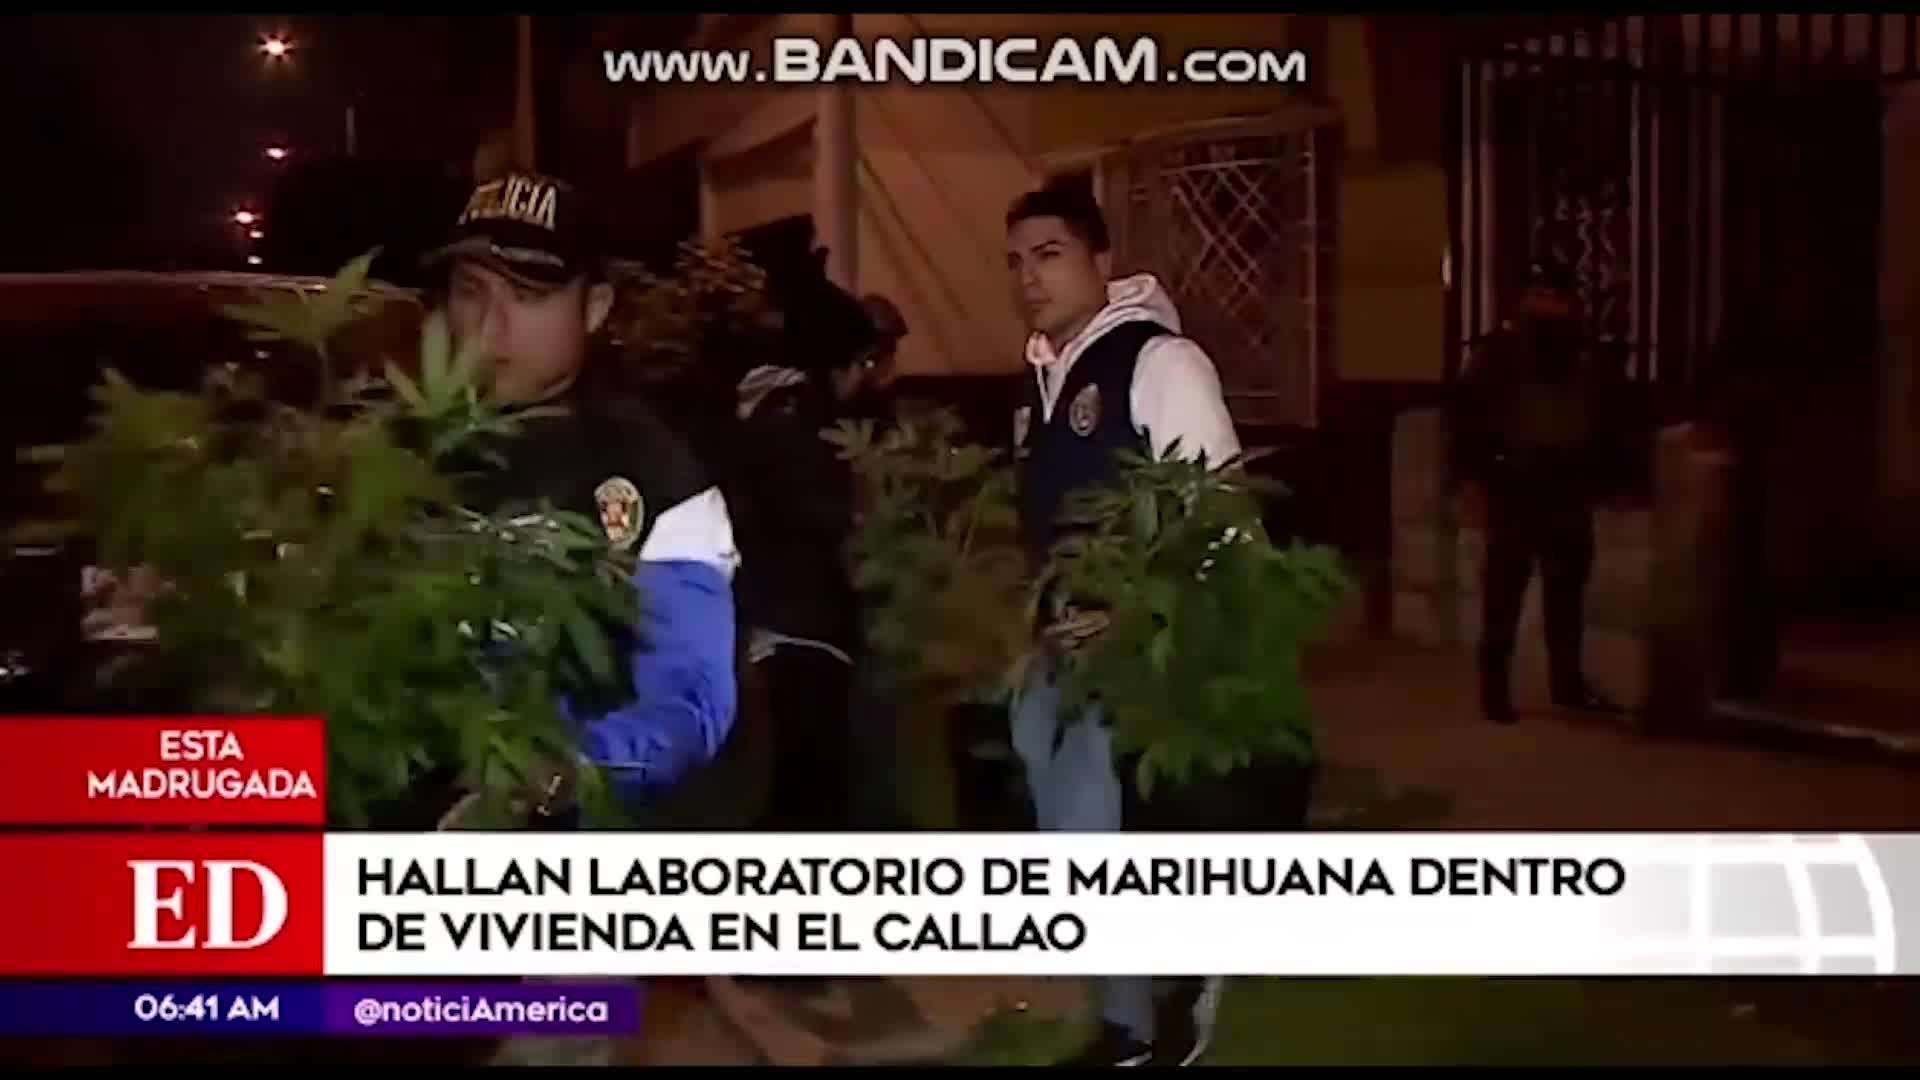 Callao: hallan plantación de marihuana dentro de vivienda